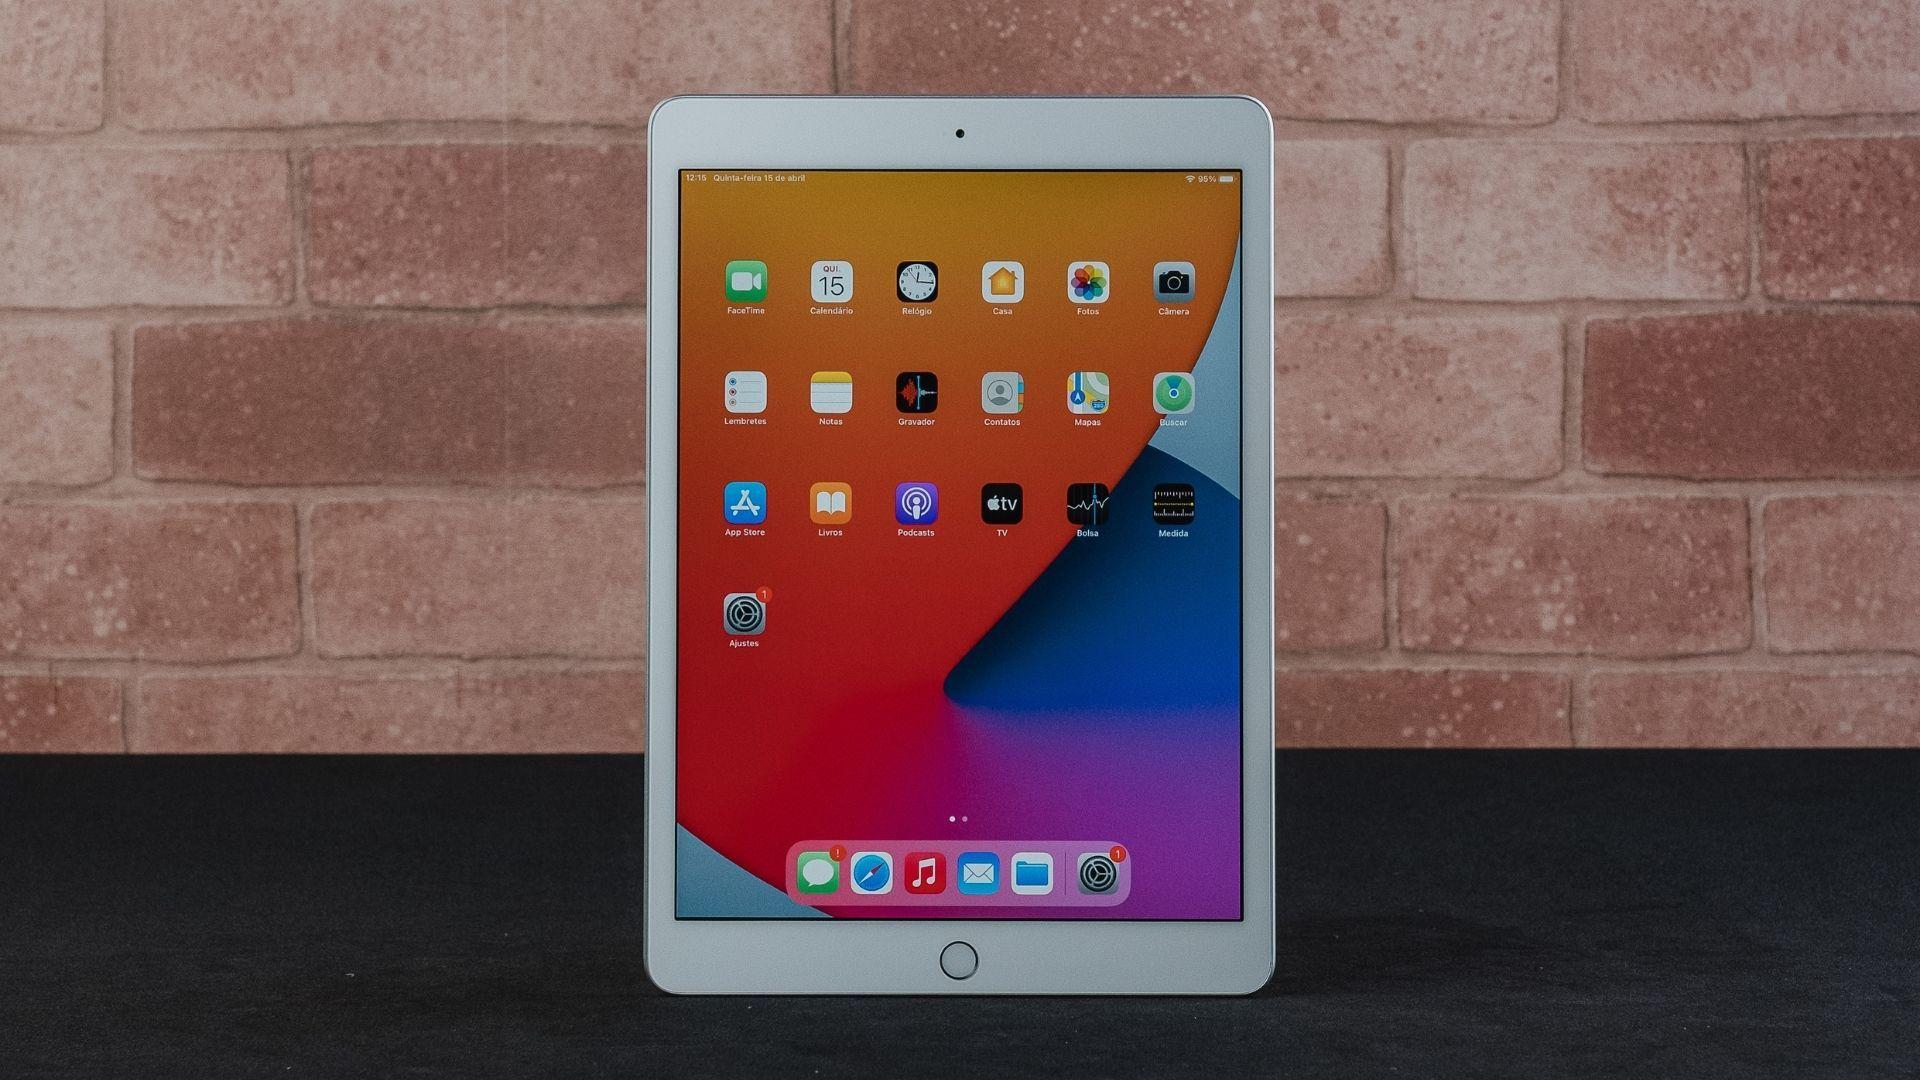 iPad 8ª geração vem com processador A12 Bionic que garante bom desempenho (Foto: Zoom)